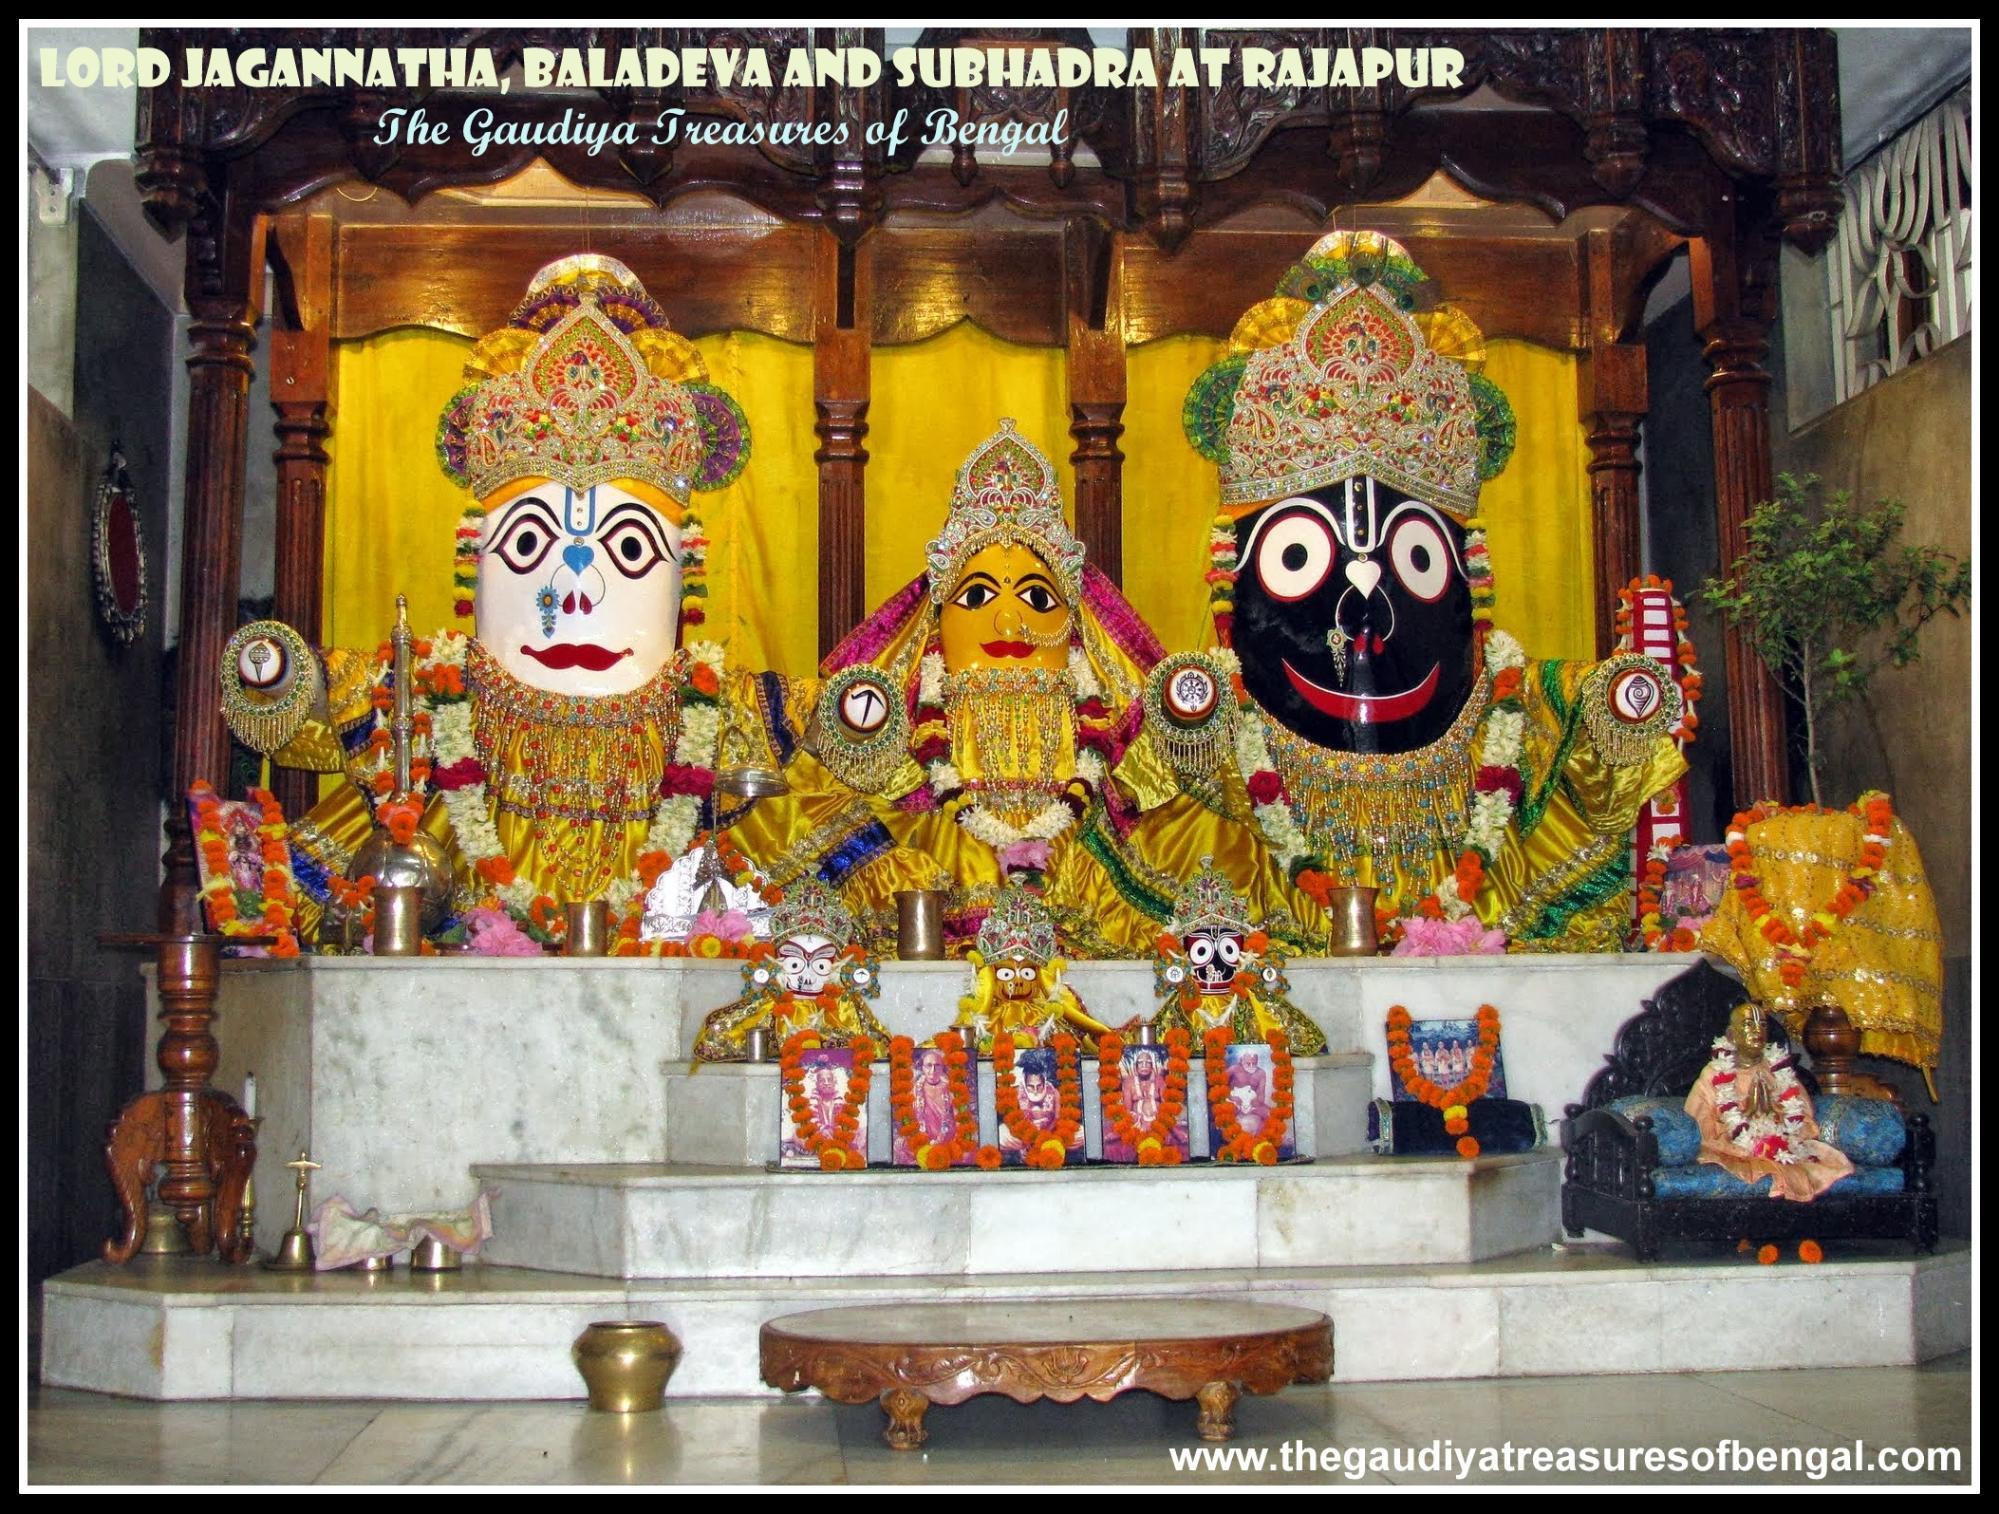 Jagannatha rajapur